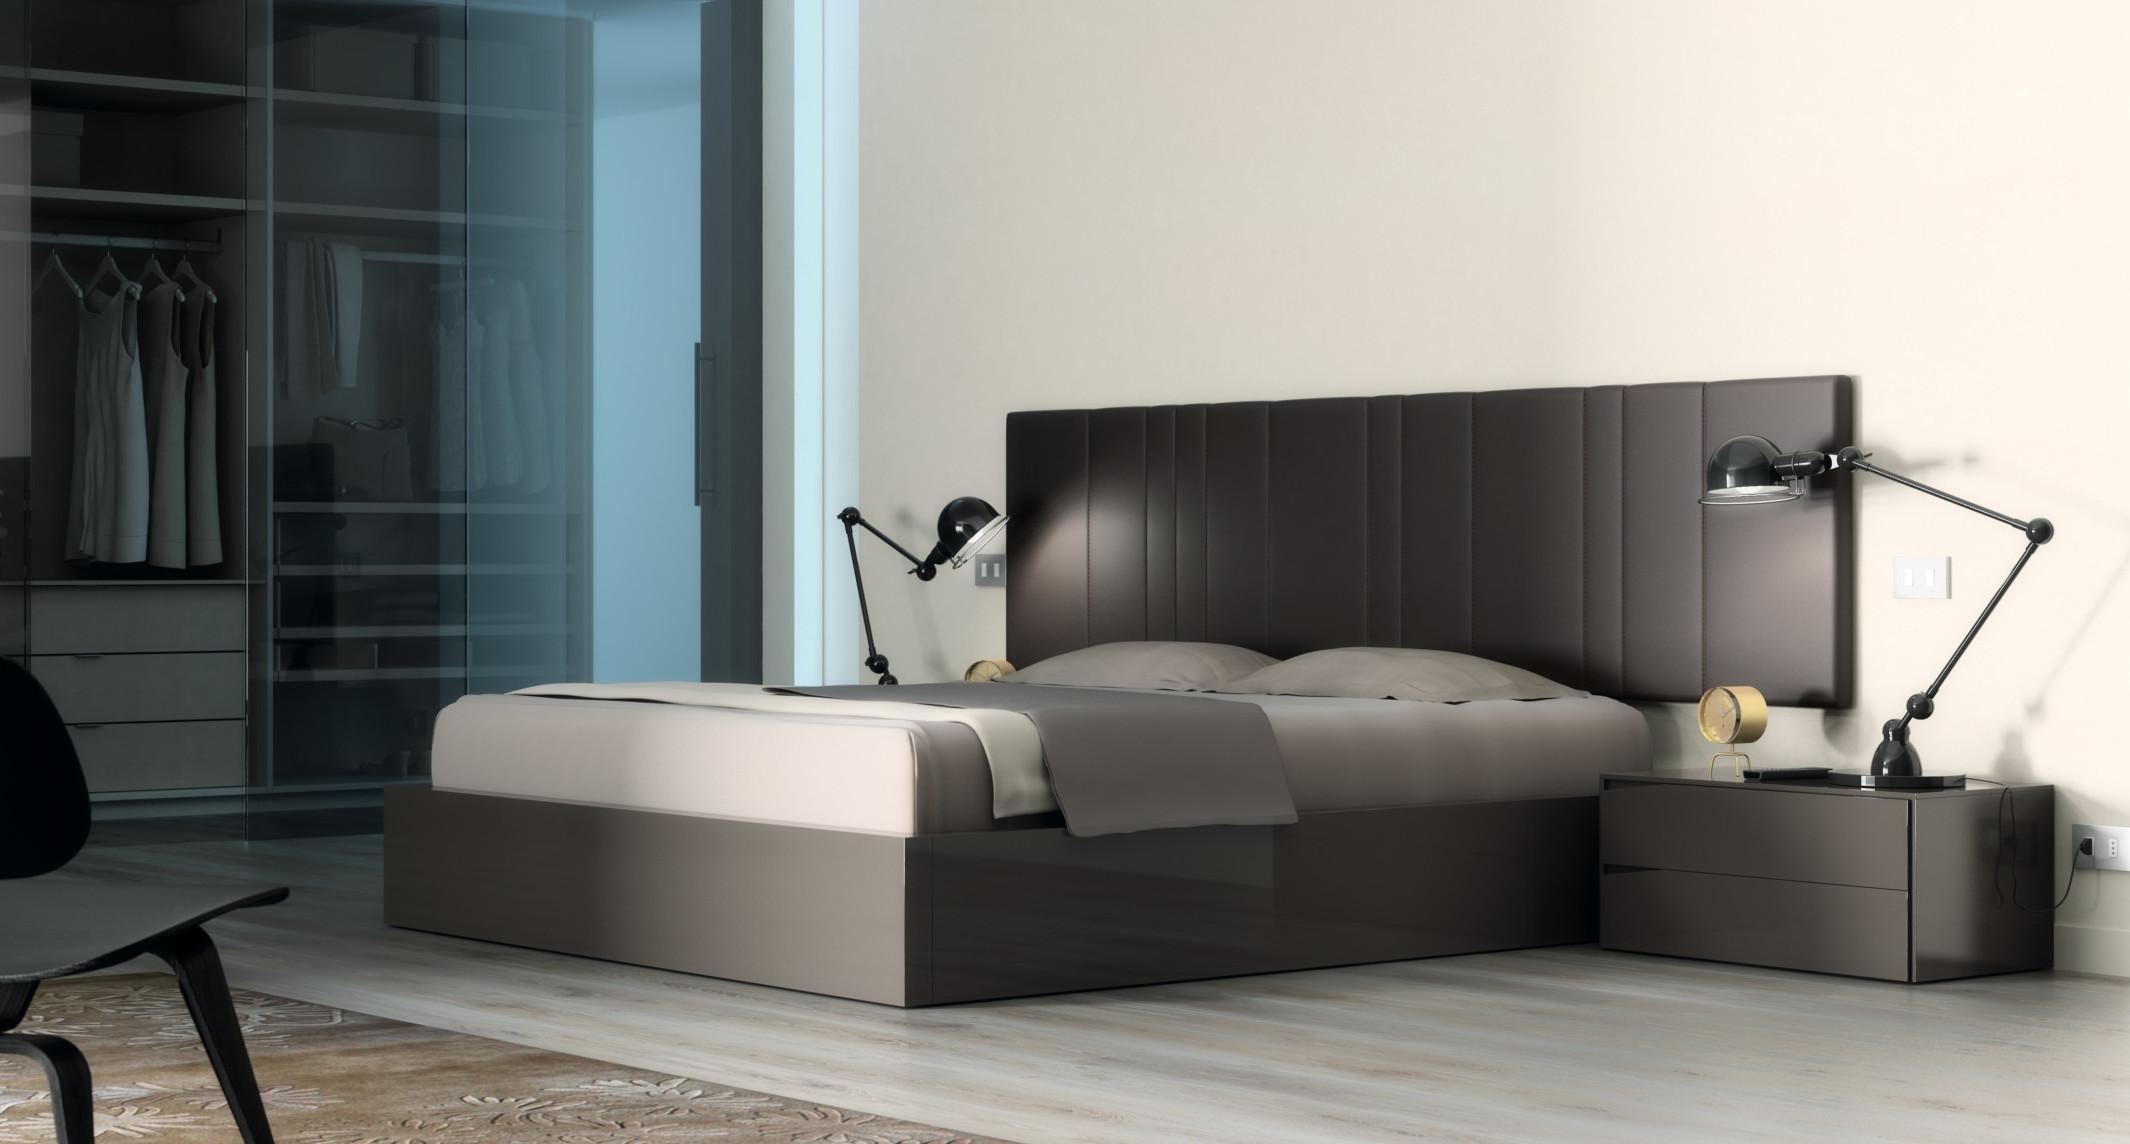 Colecci N On Night Vive De Dormitorios De Estilo N Rdico  # Muebles Novedosos